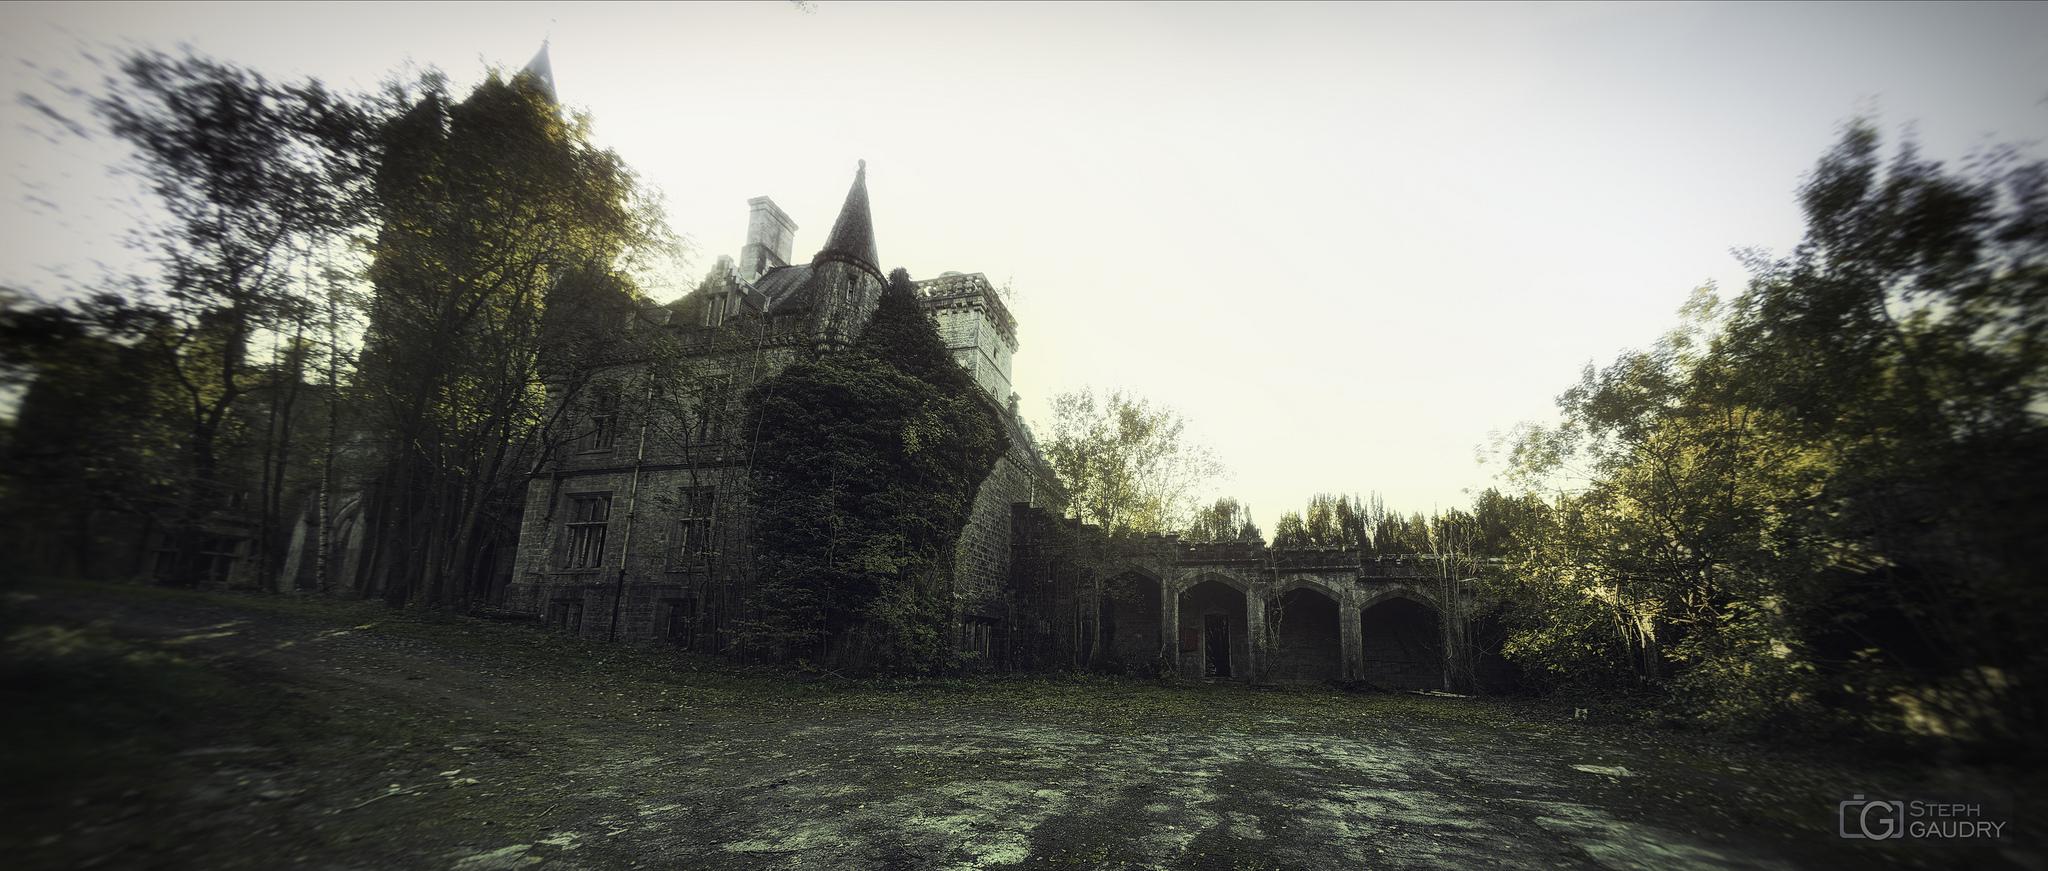 Les écuries du château de Noisy [Click to start slideshow]